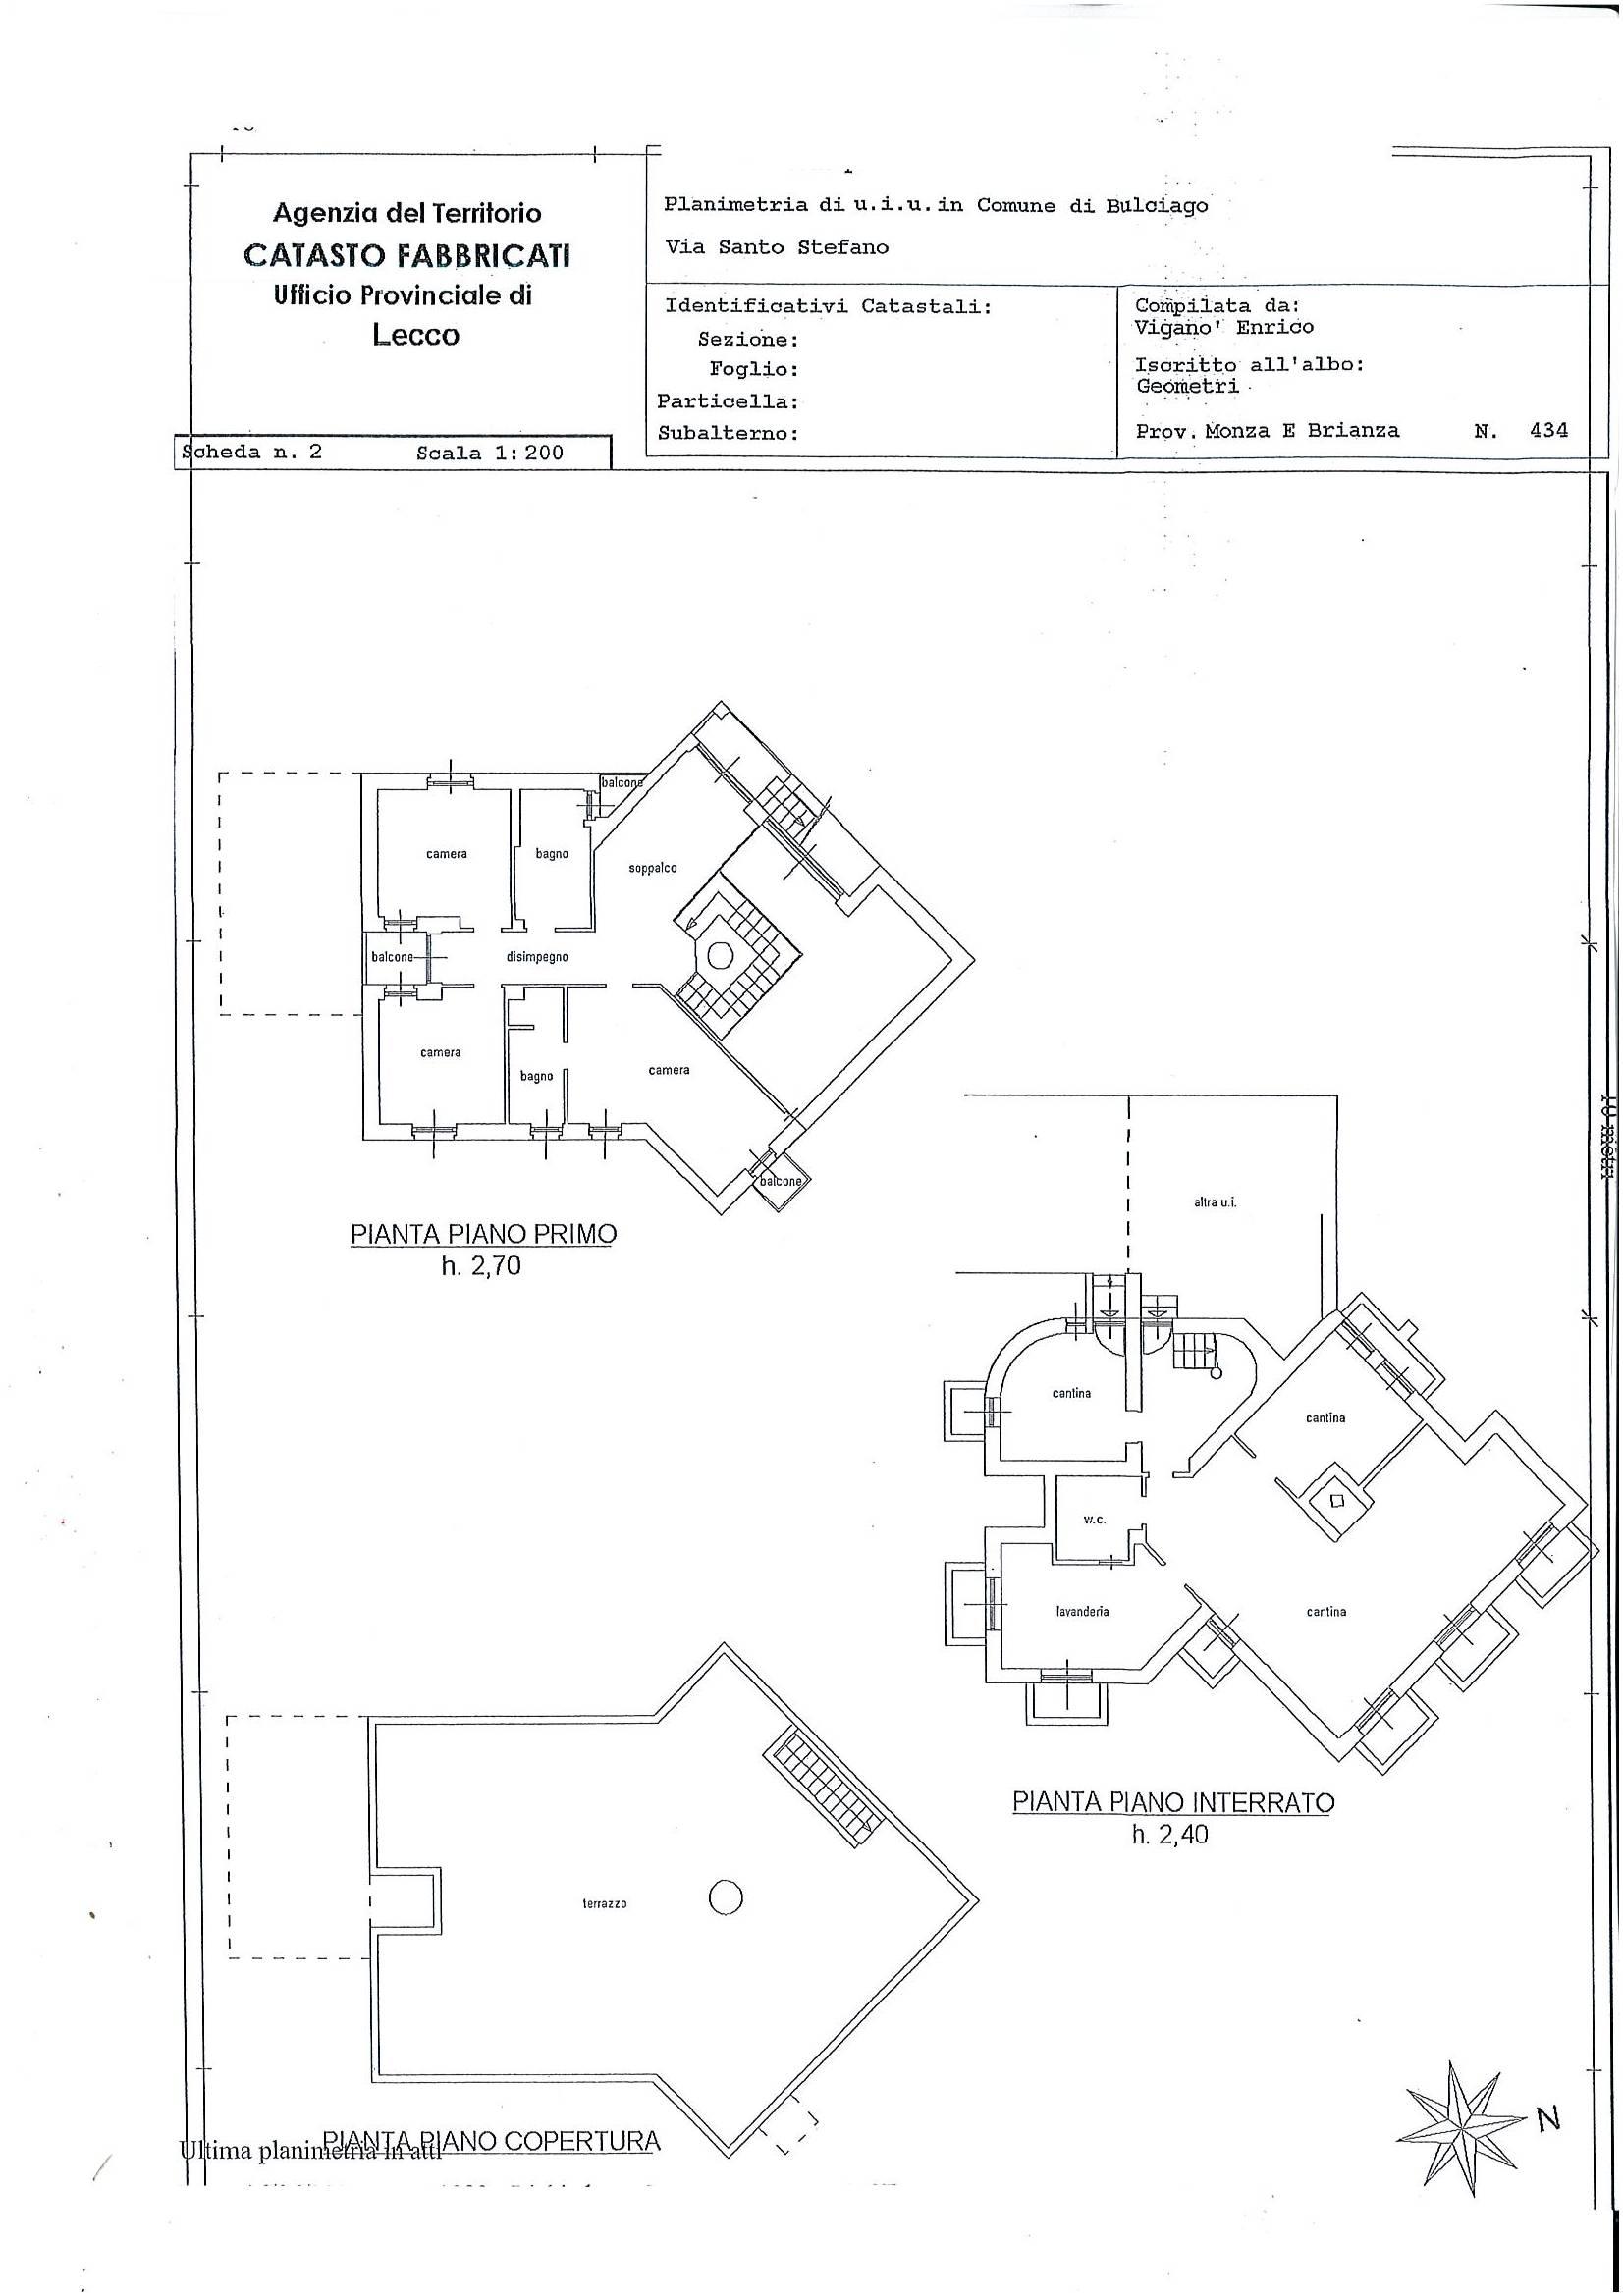 Planimetria p.primo, interrato, copertura